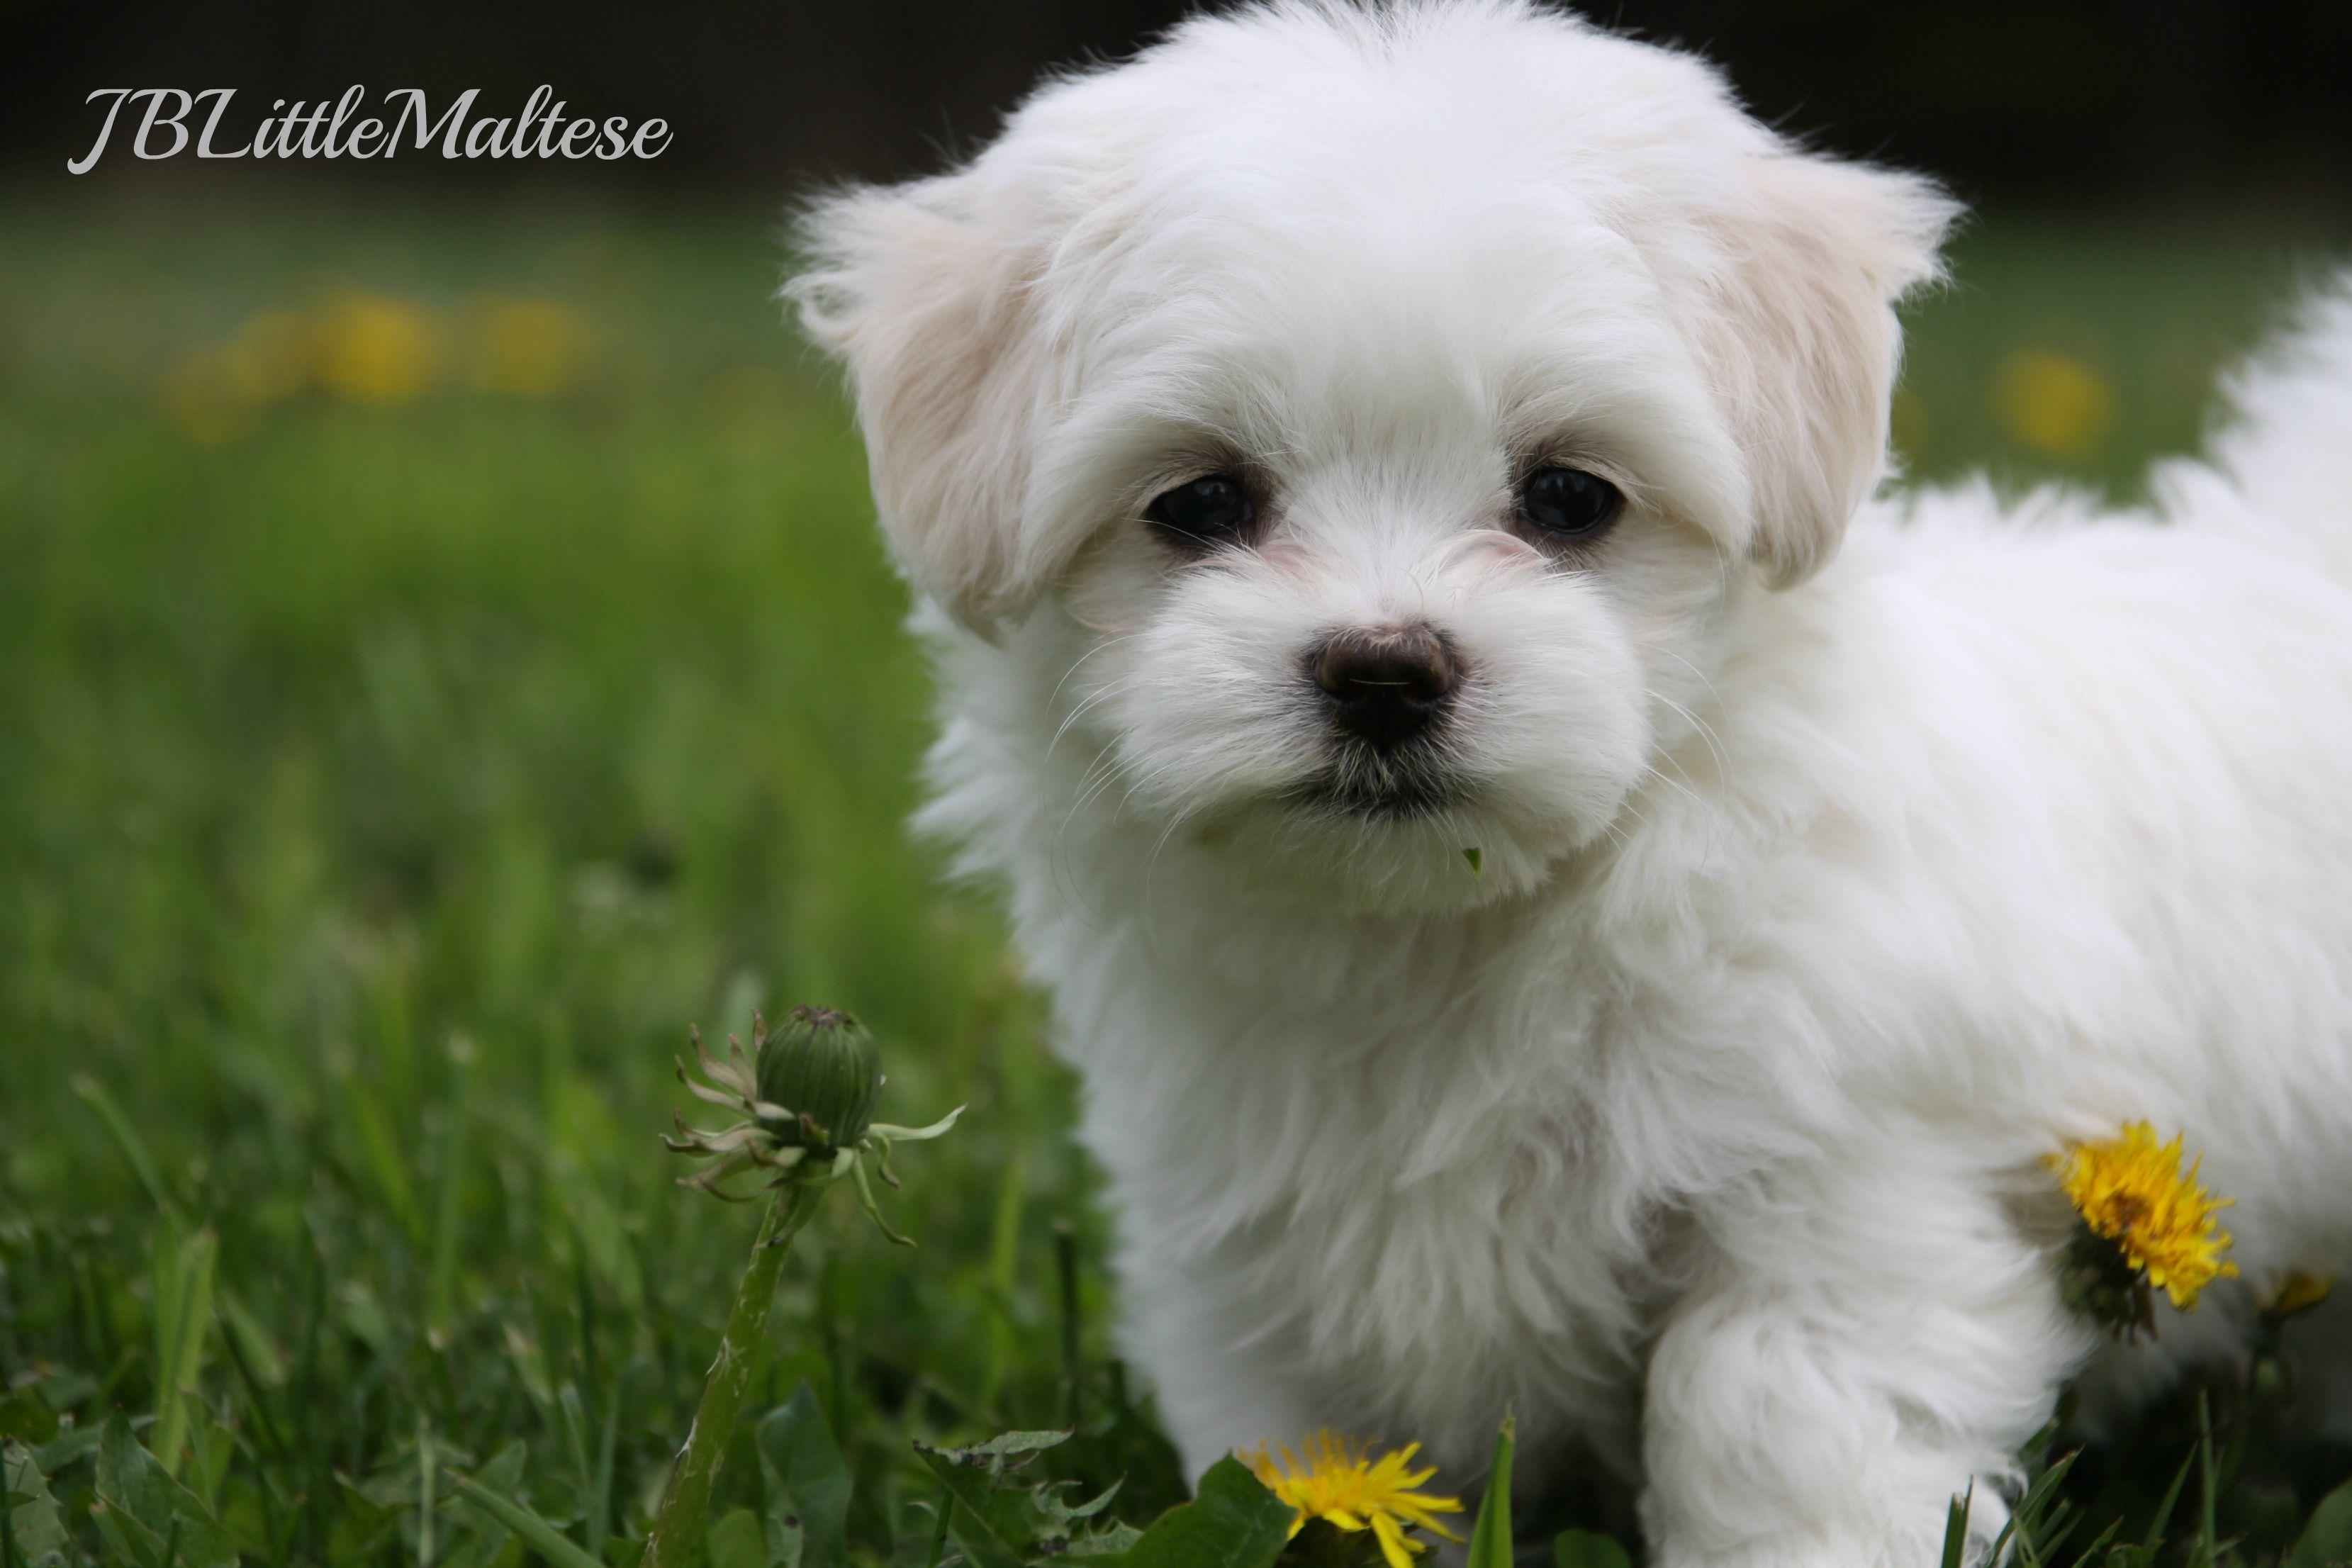 Maltese Puppy At Jblittlemaltese Reg D Www Jblittlemaltese Com